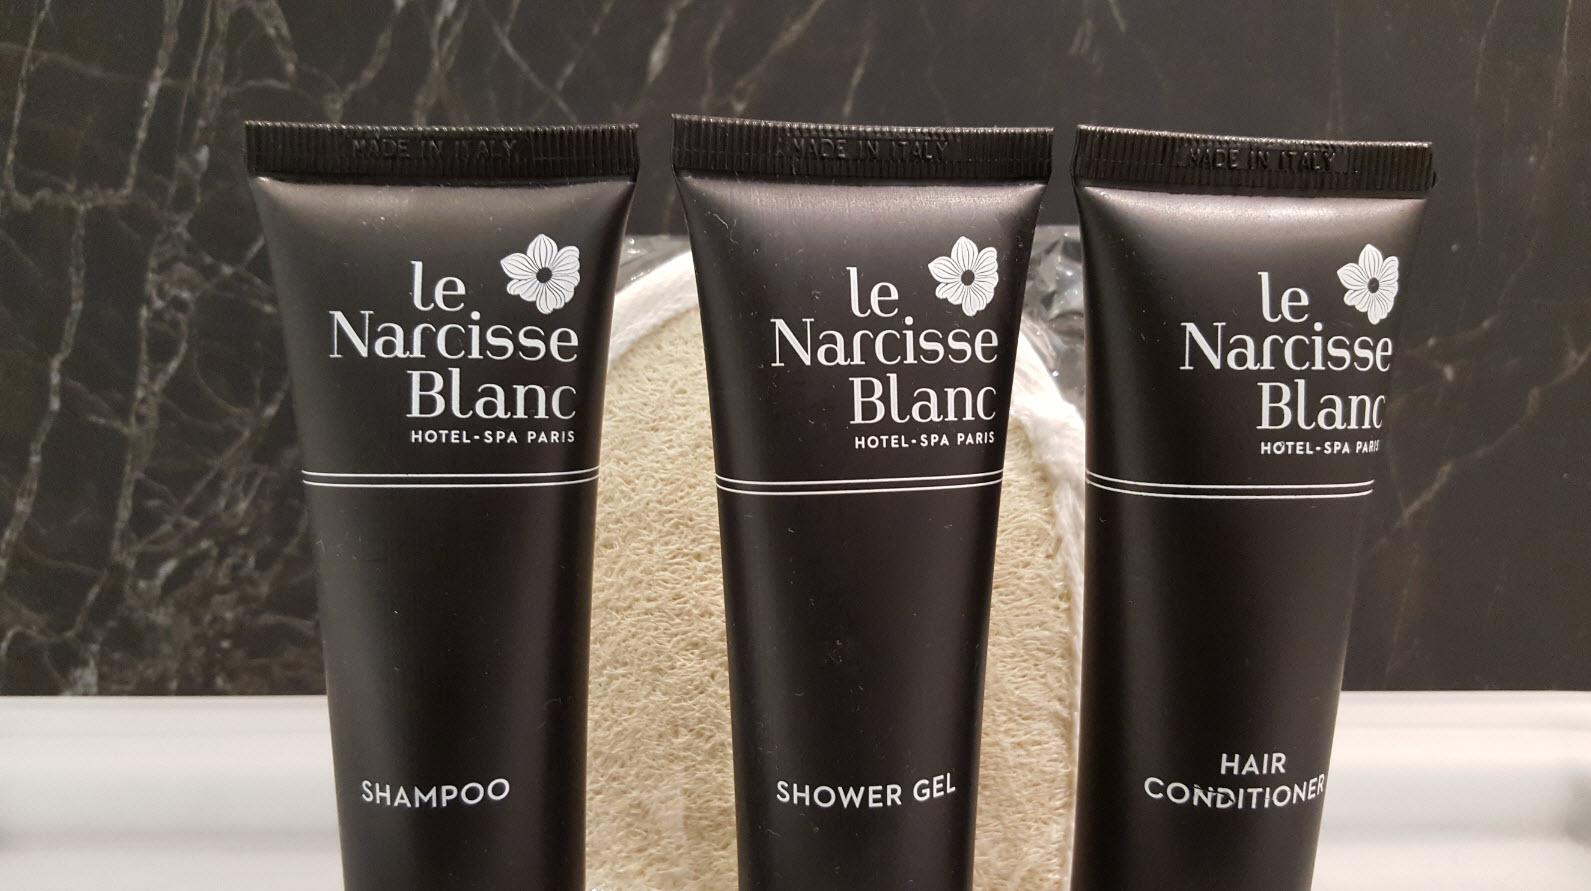 Narcisse Blanc Paris